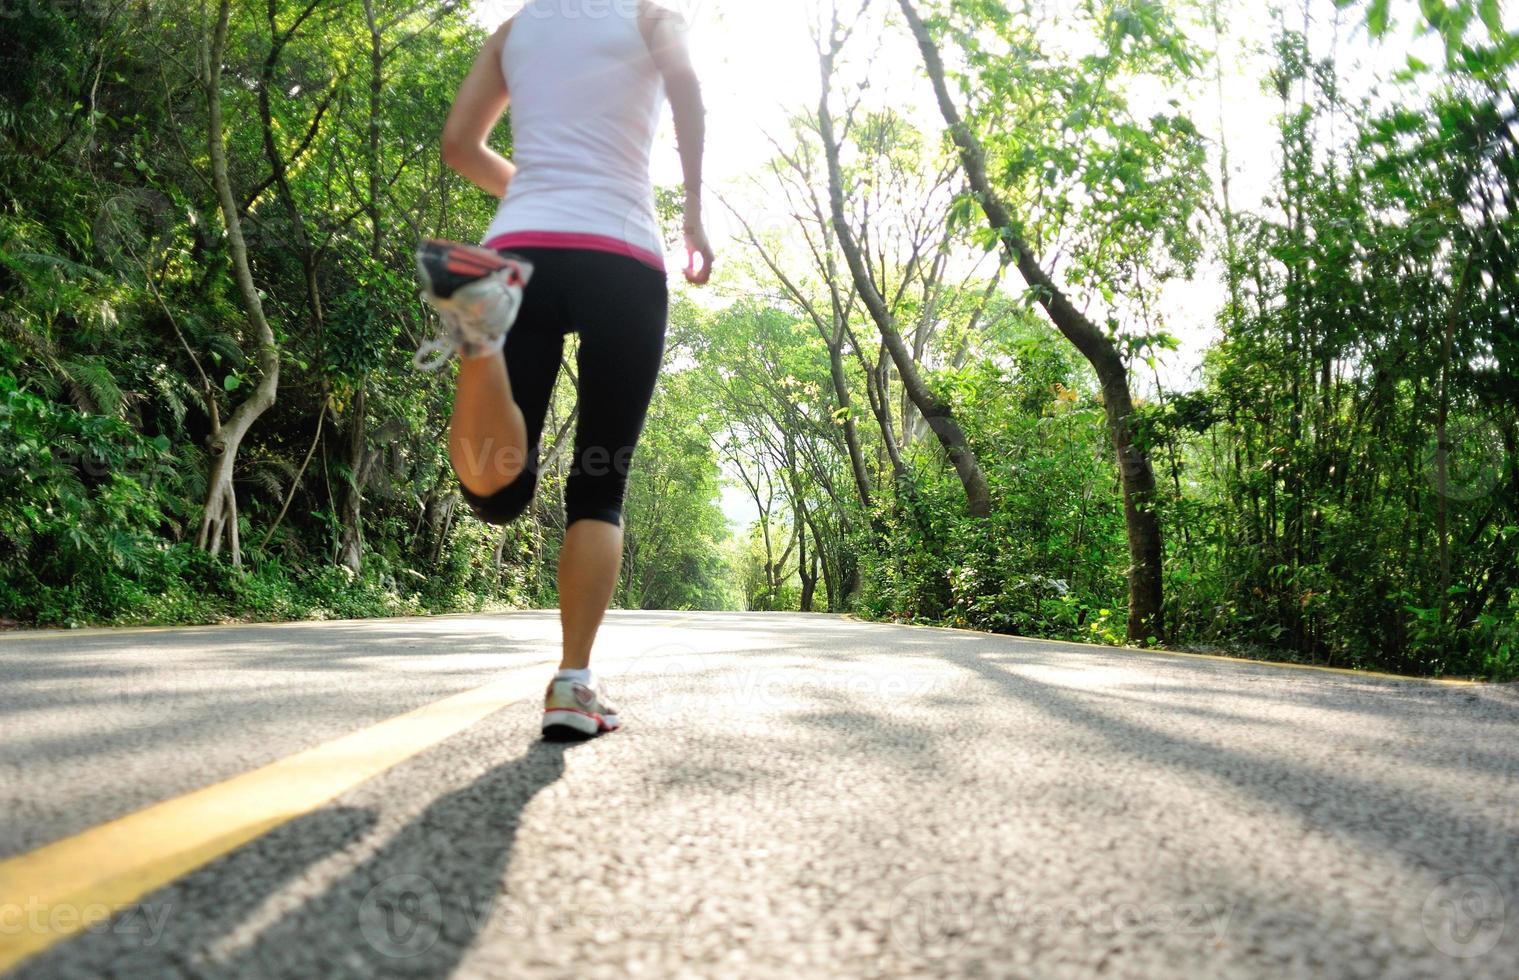 estilo de vida saudável fitness esportes pernas de mulher correndo na estrada da floresta foto